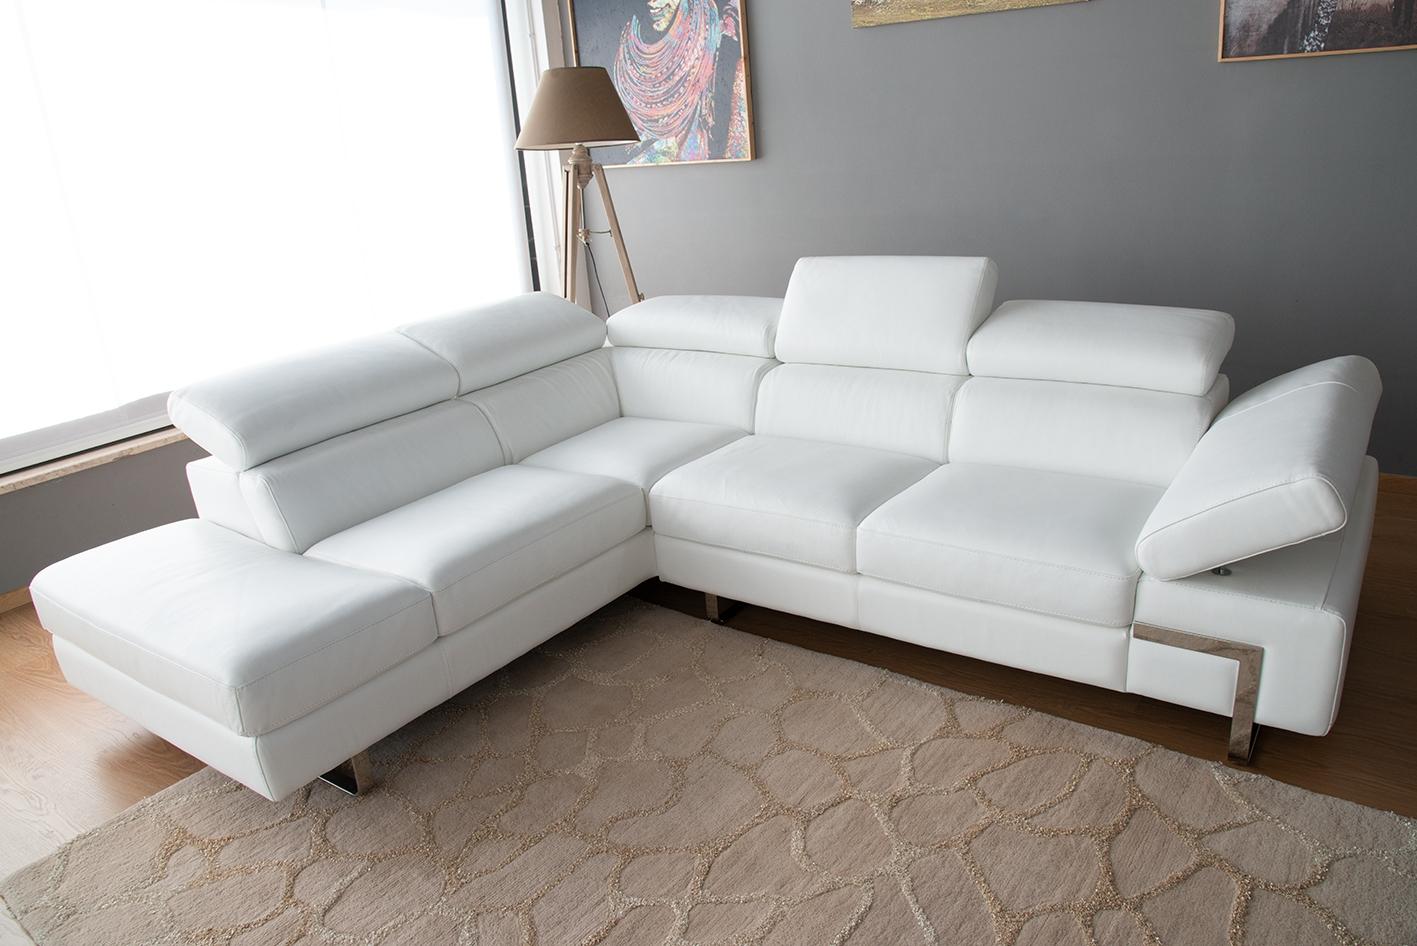 Divano Angolare Bianco.Offerta Divano Angolare Bianco 5 Posti Con Poggiatesta Recliner